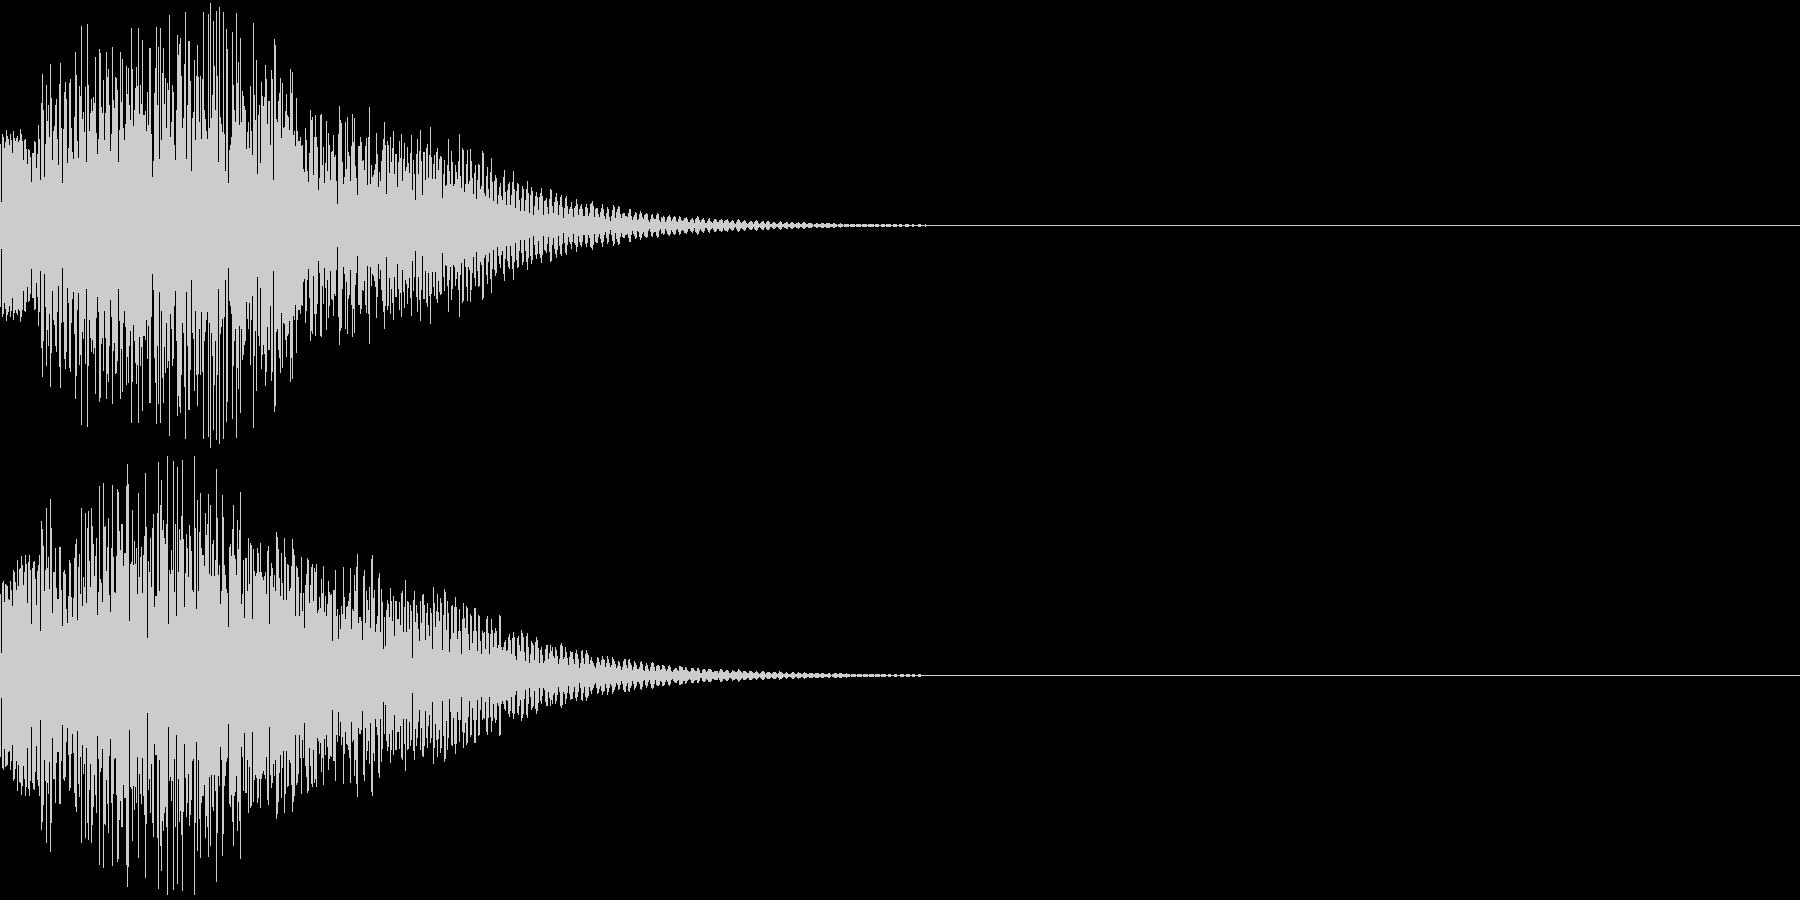 デュよ〜ん(可愛い銃の音)の未再生の波形